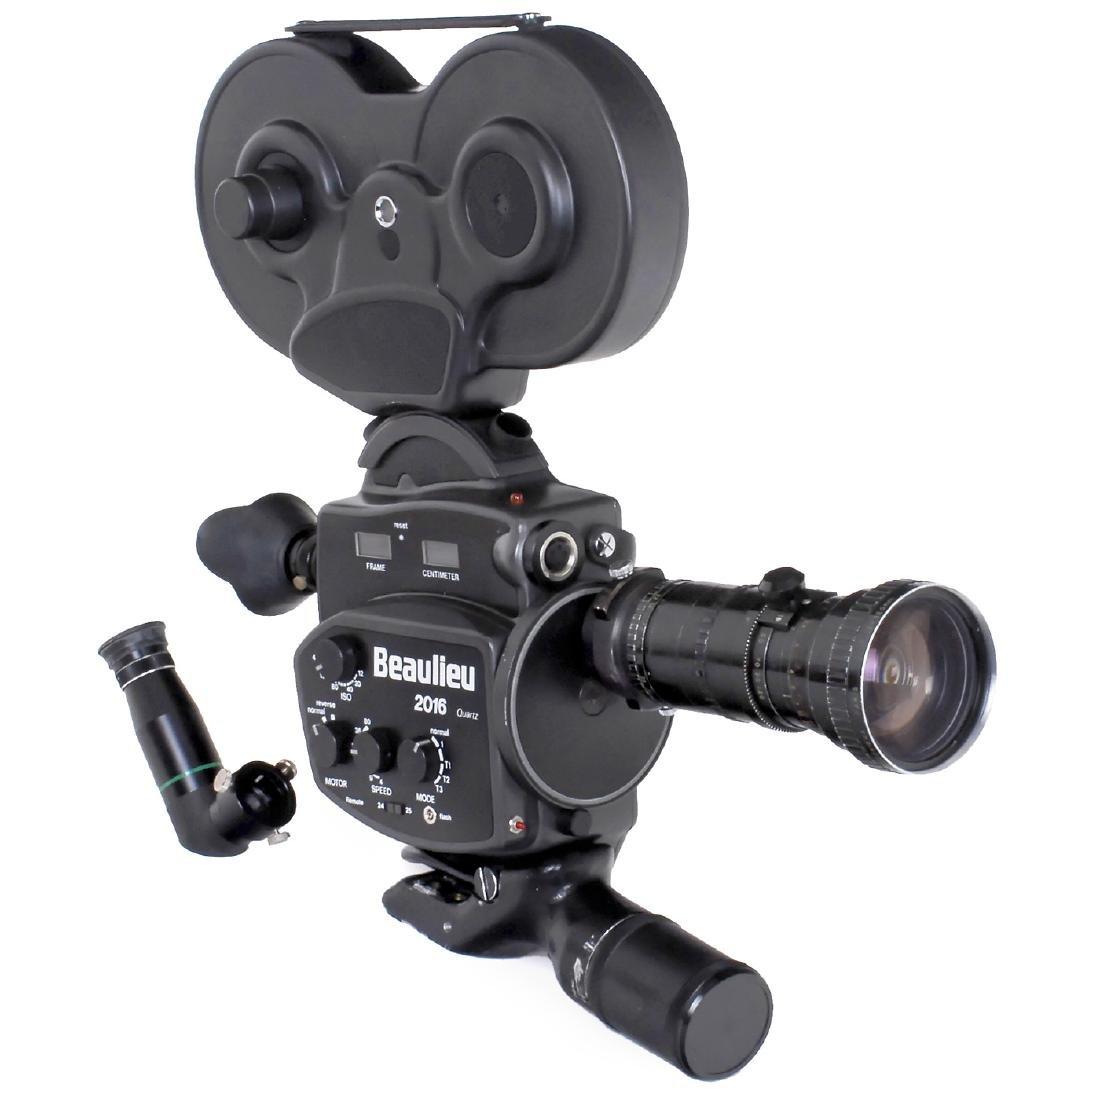 Beaulieu 2016 Quartz 16mm Movie Camera, c. 1986